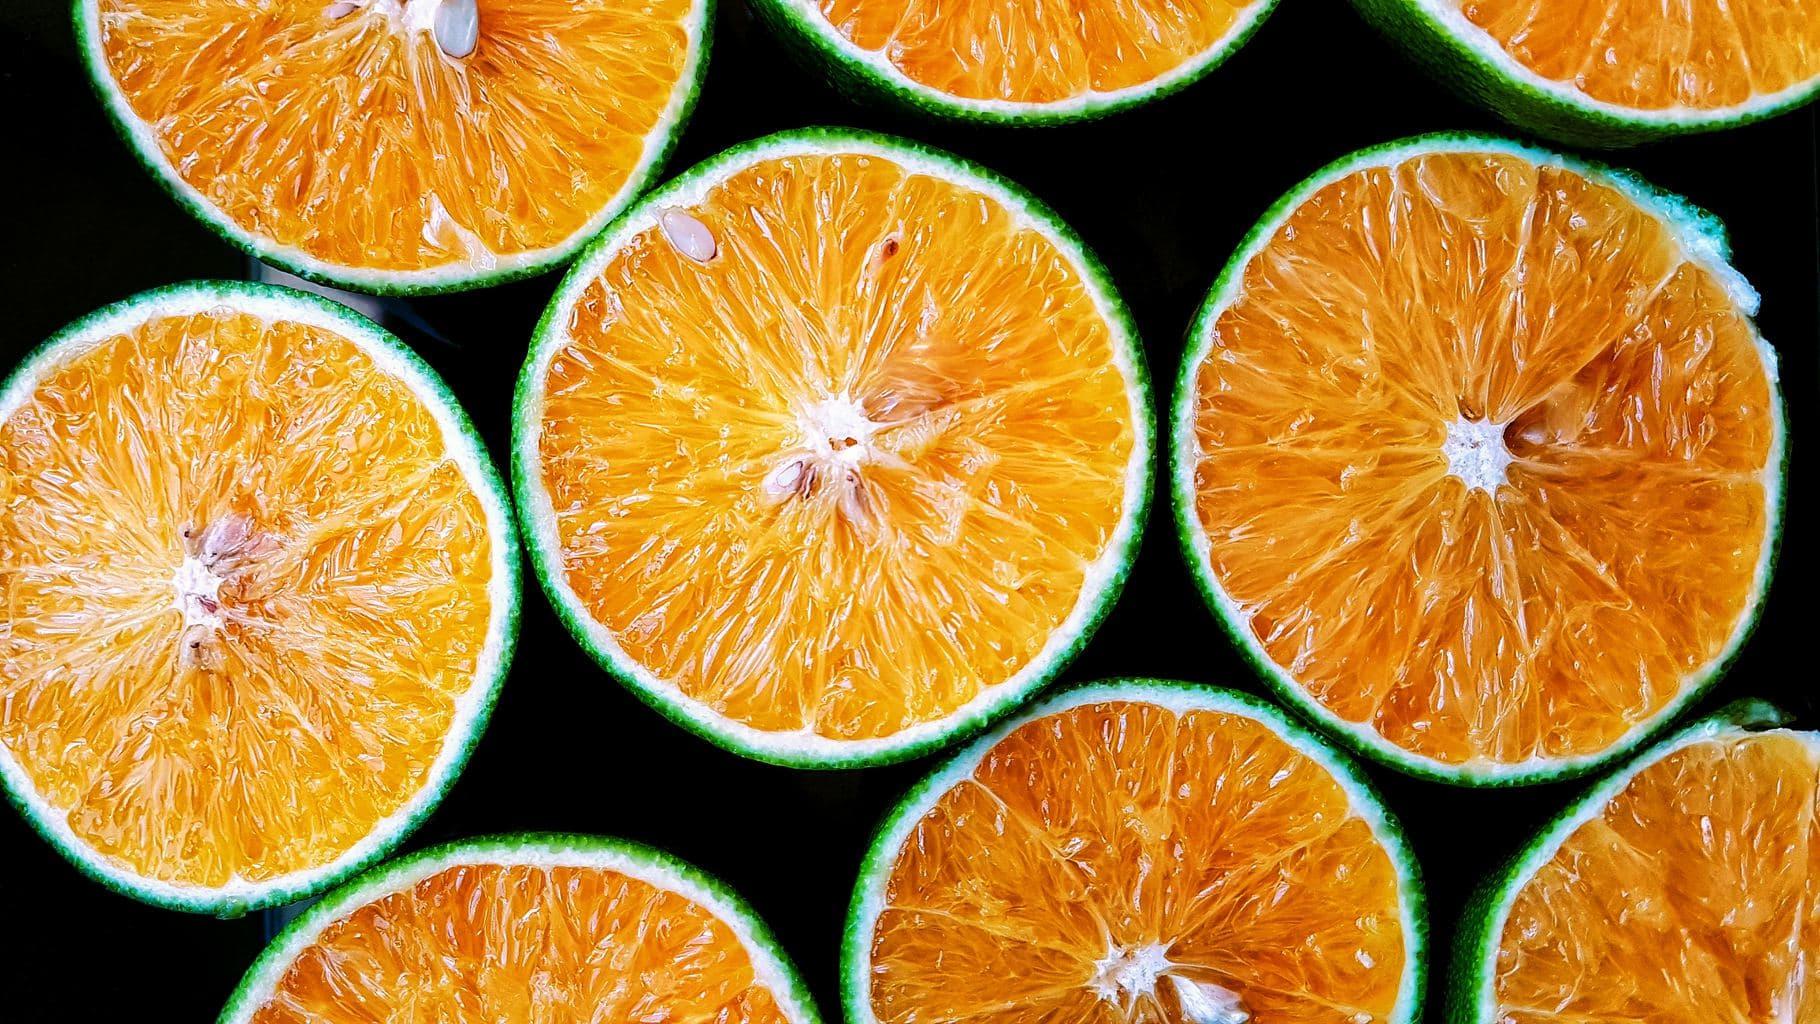 fotografía de naranjas cortadas